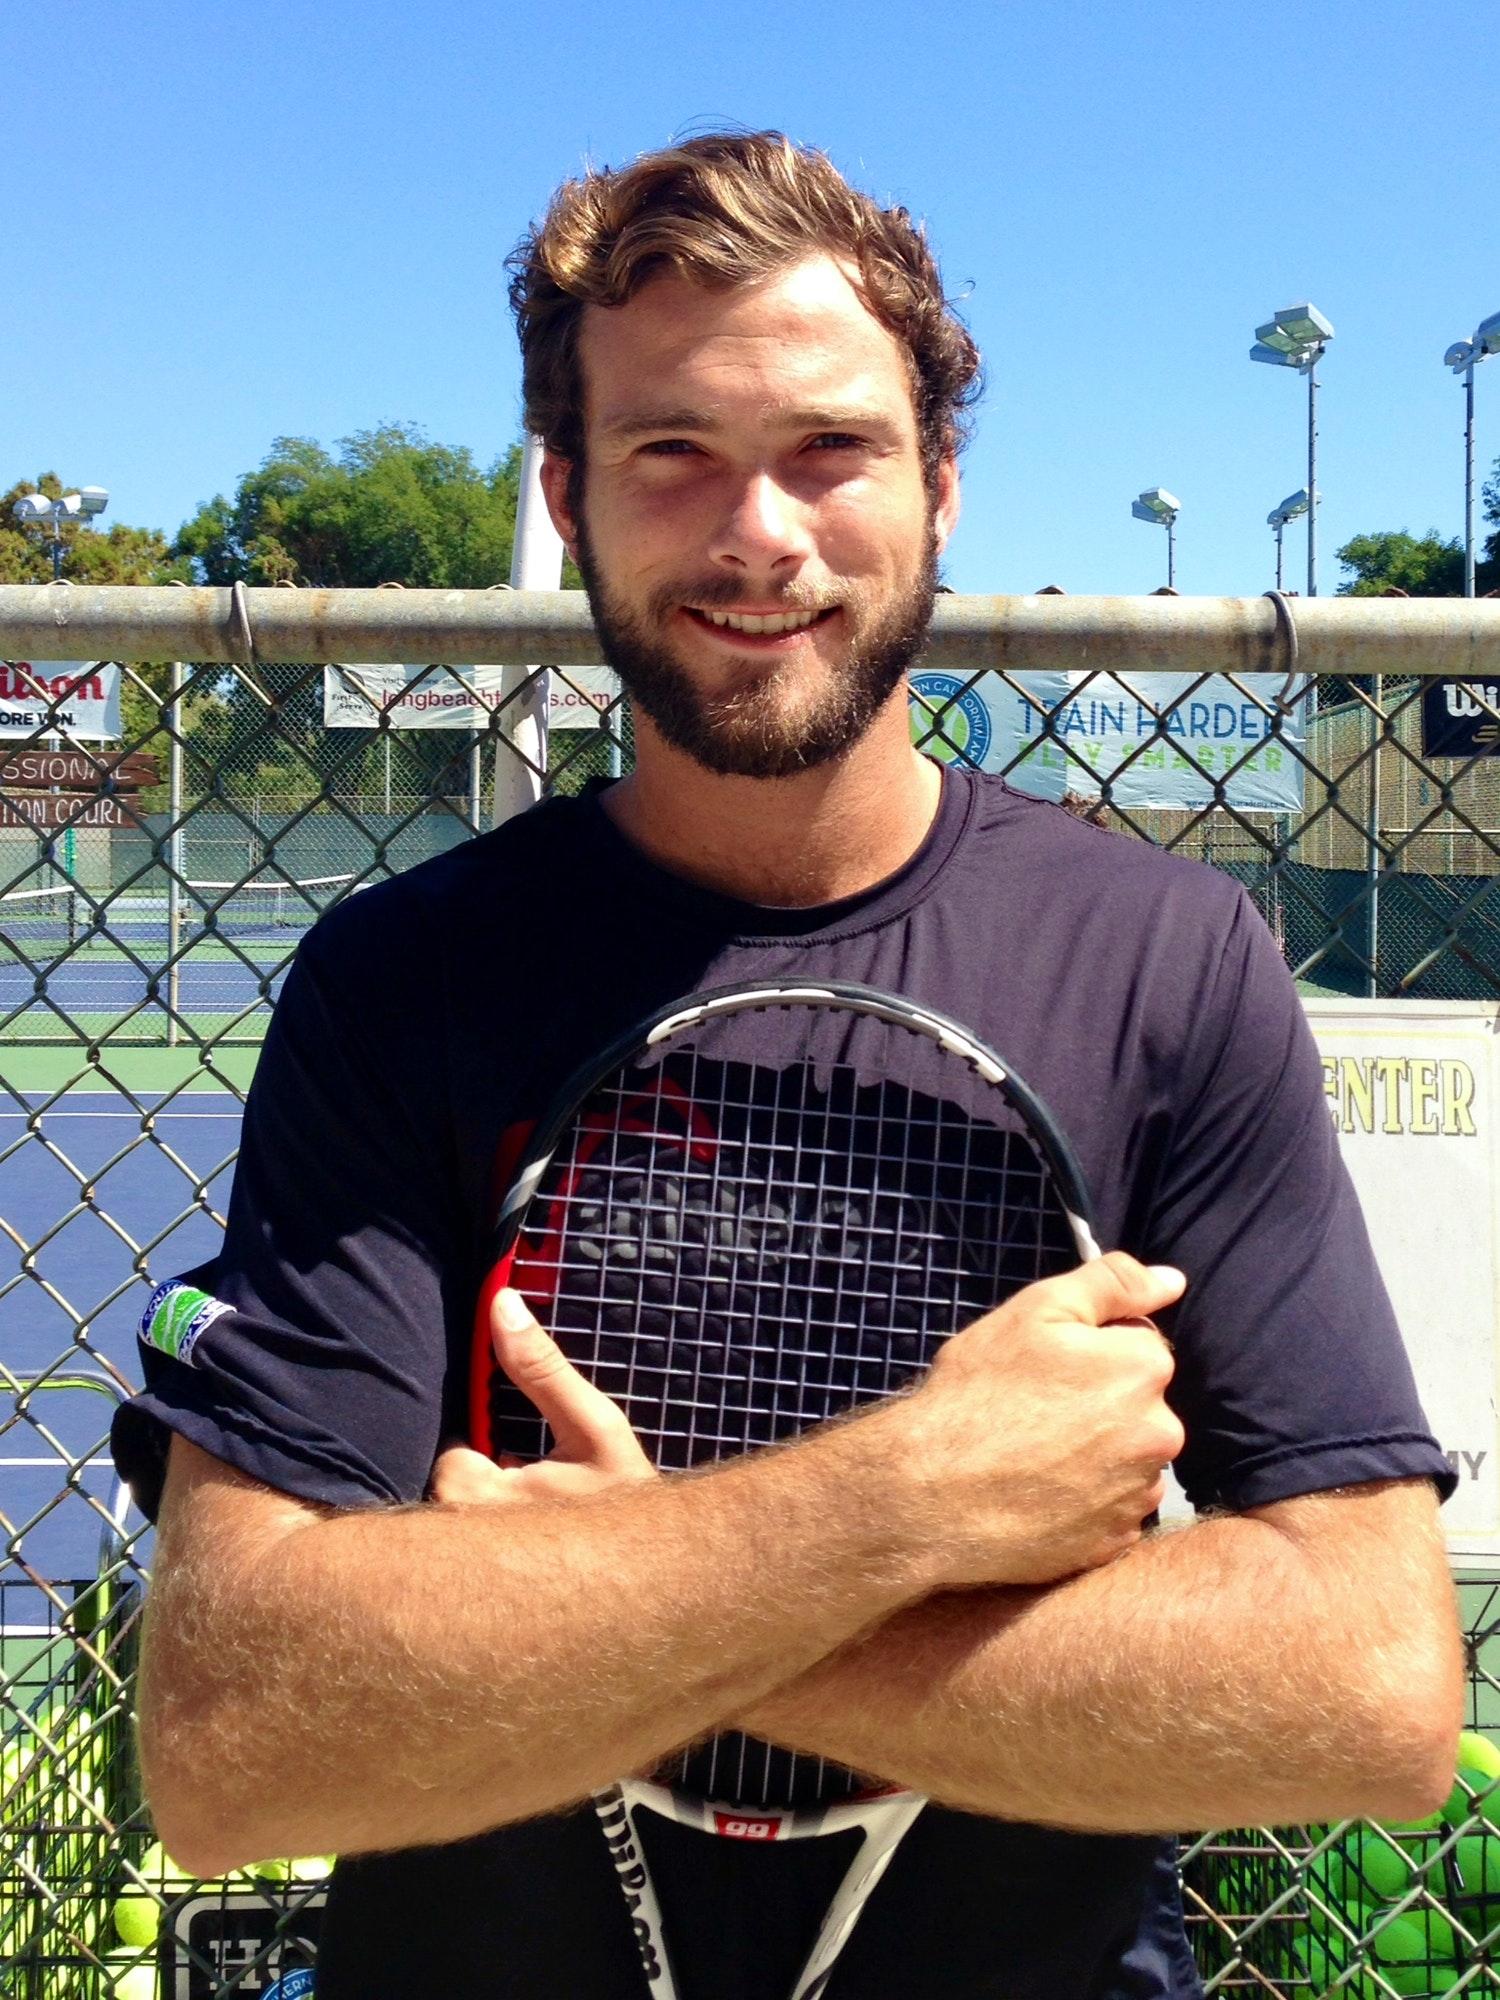 Jordan B. teaches tennis lessons in Seal Beach, CA